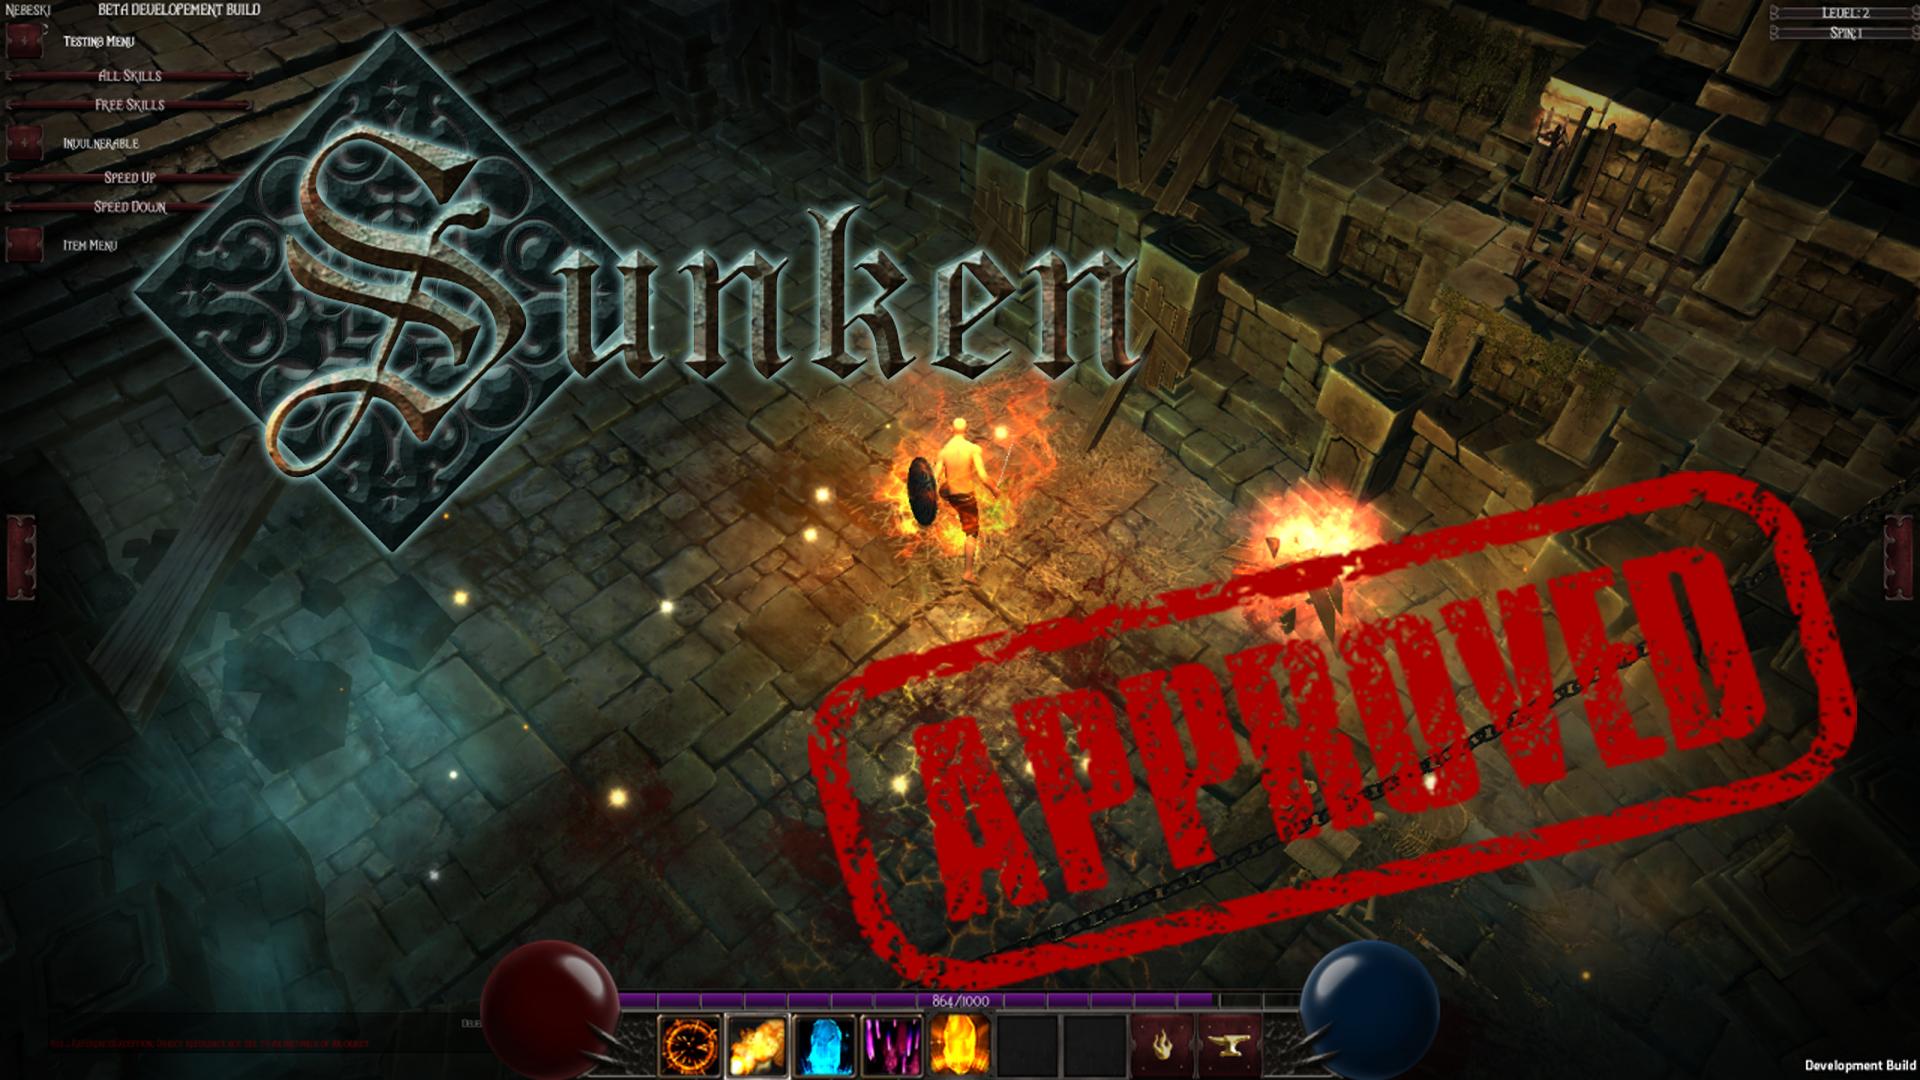 Sunken Preview